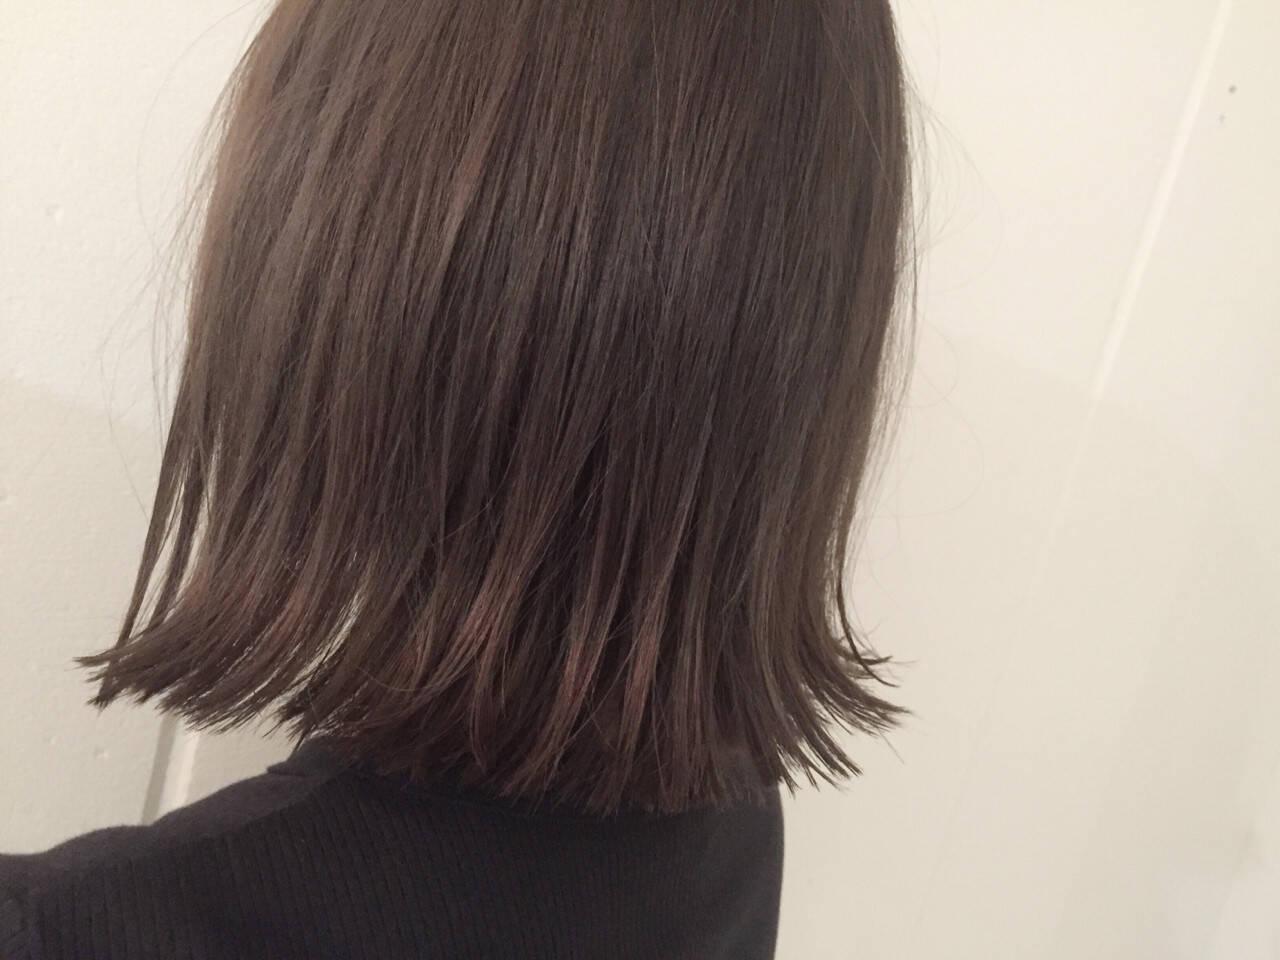 切りっぱなし 暗髪 ストリート アッシュヘアスタイルや髪型の写真・画像